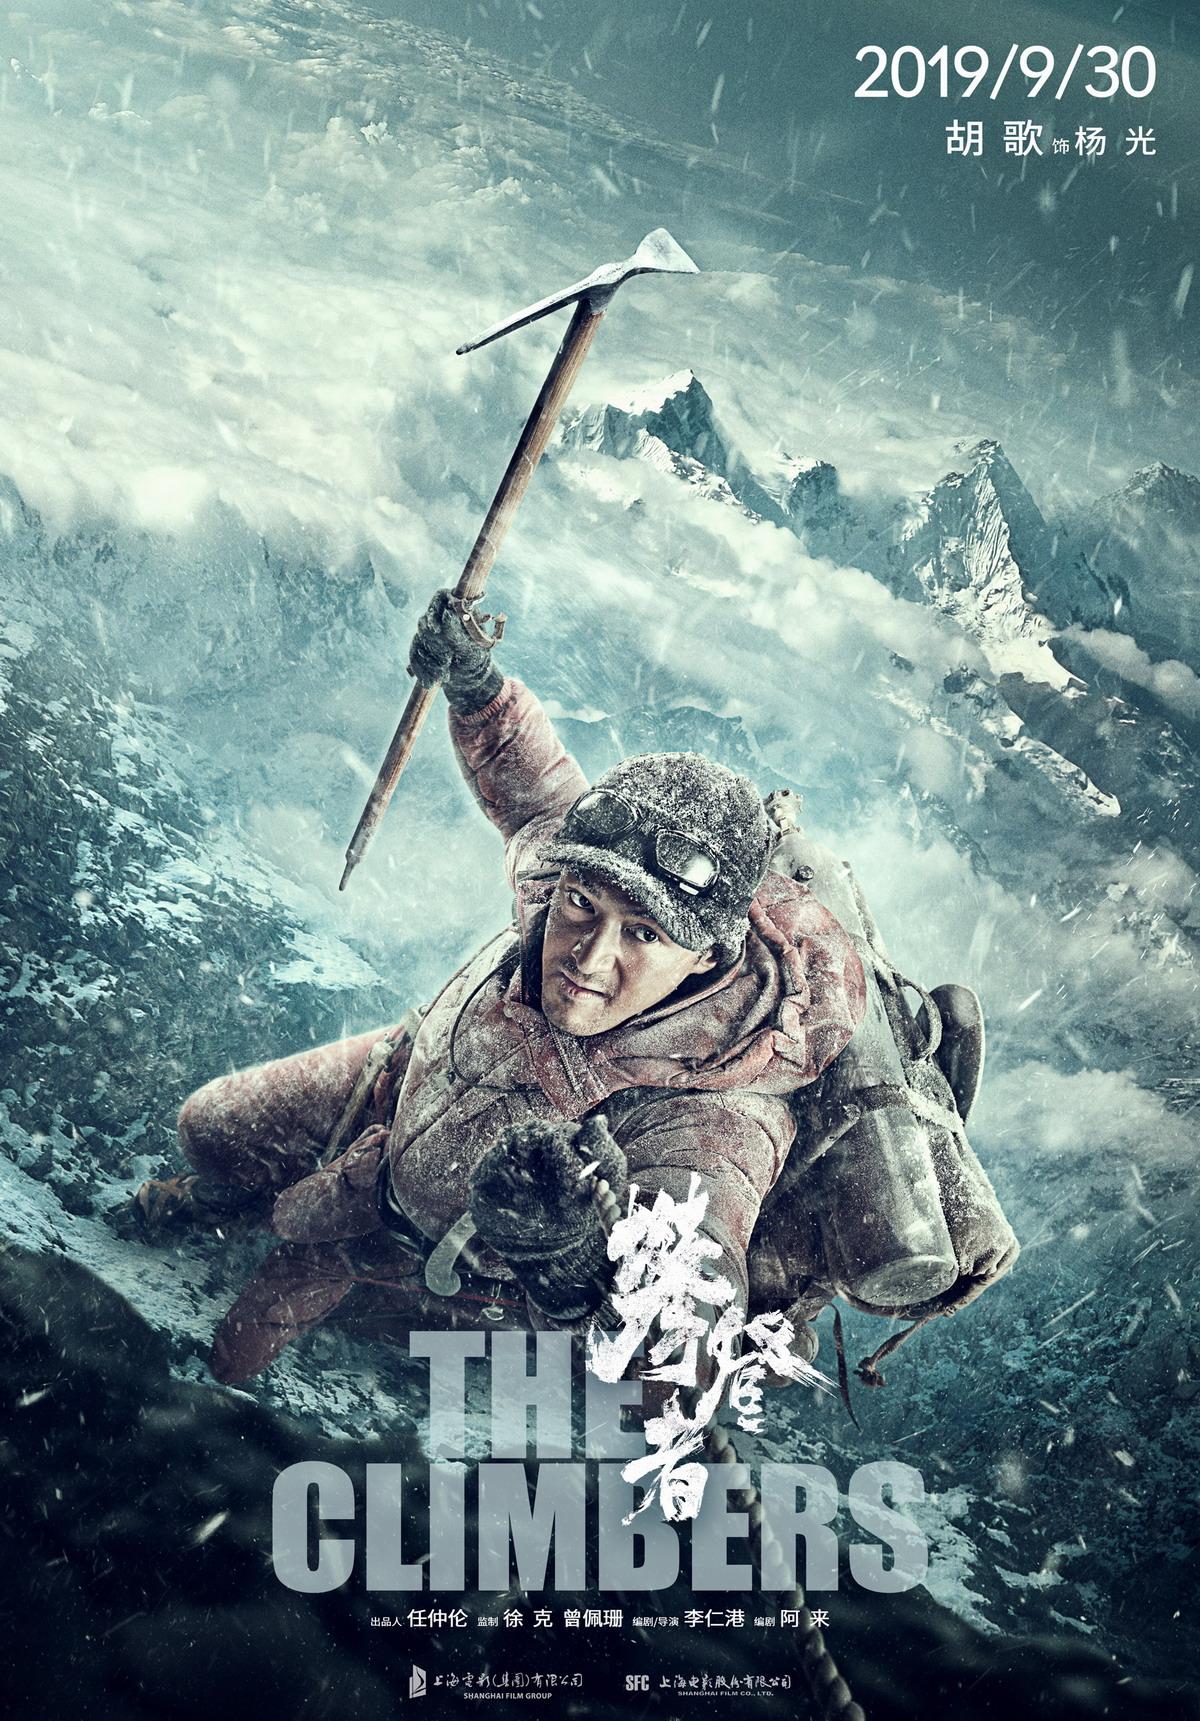 吴京《攀登者》冲顶版海报发布 生而无畏勇攀高峰